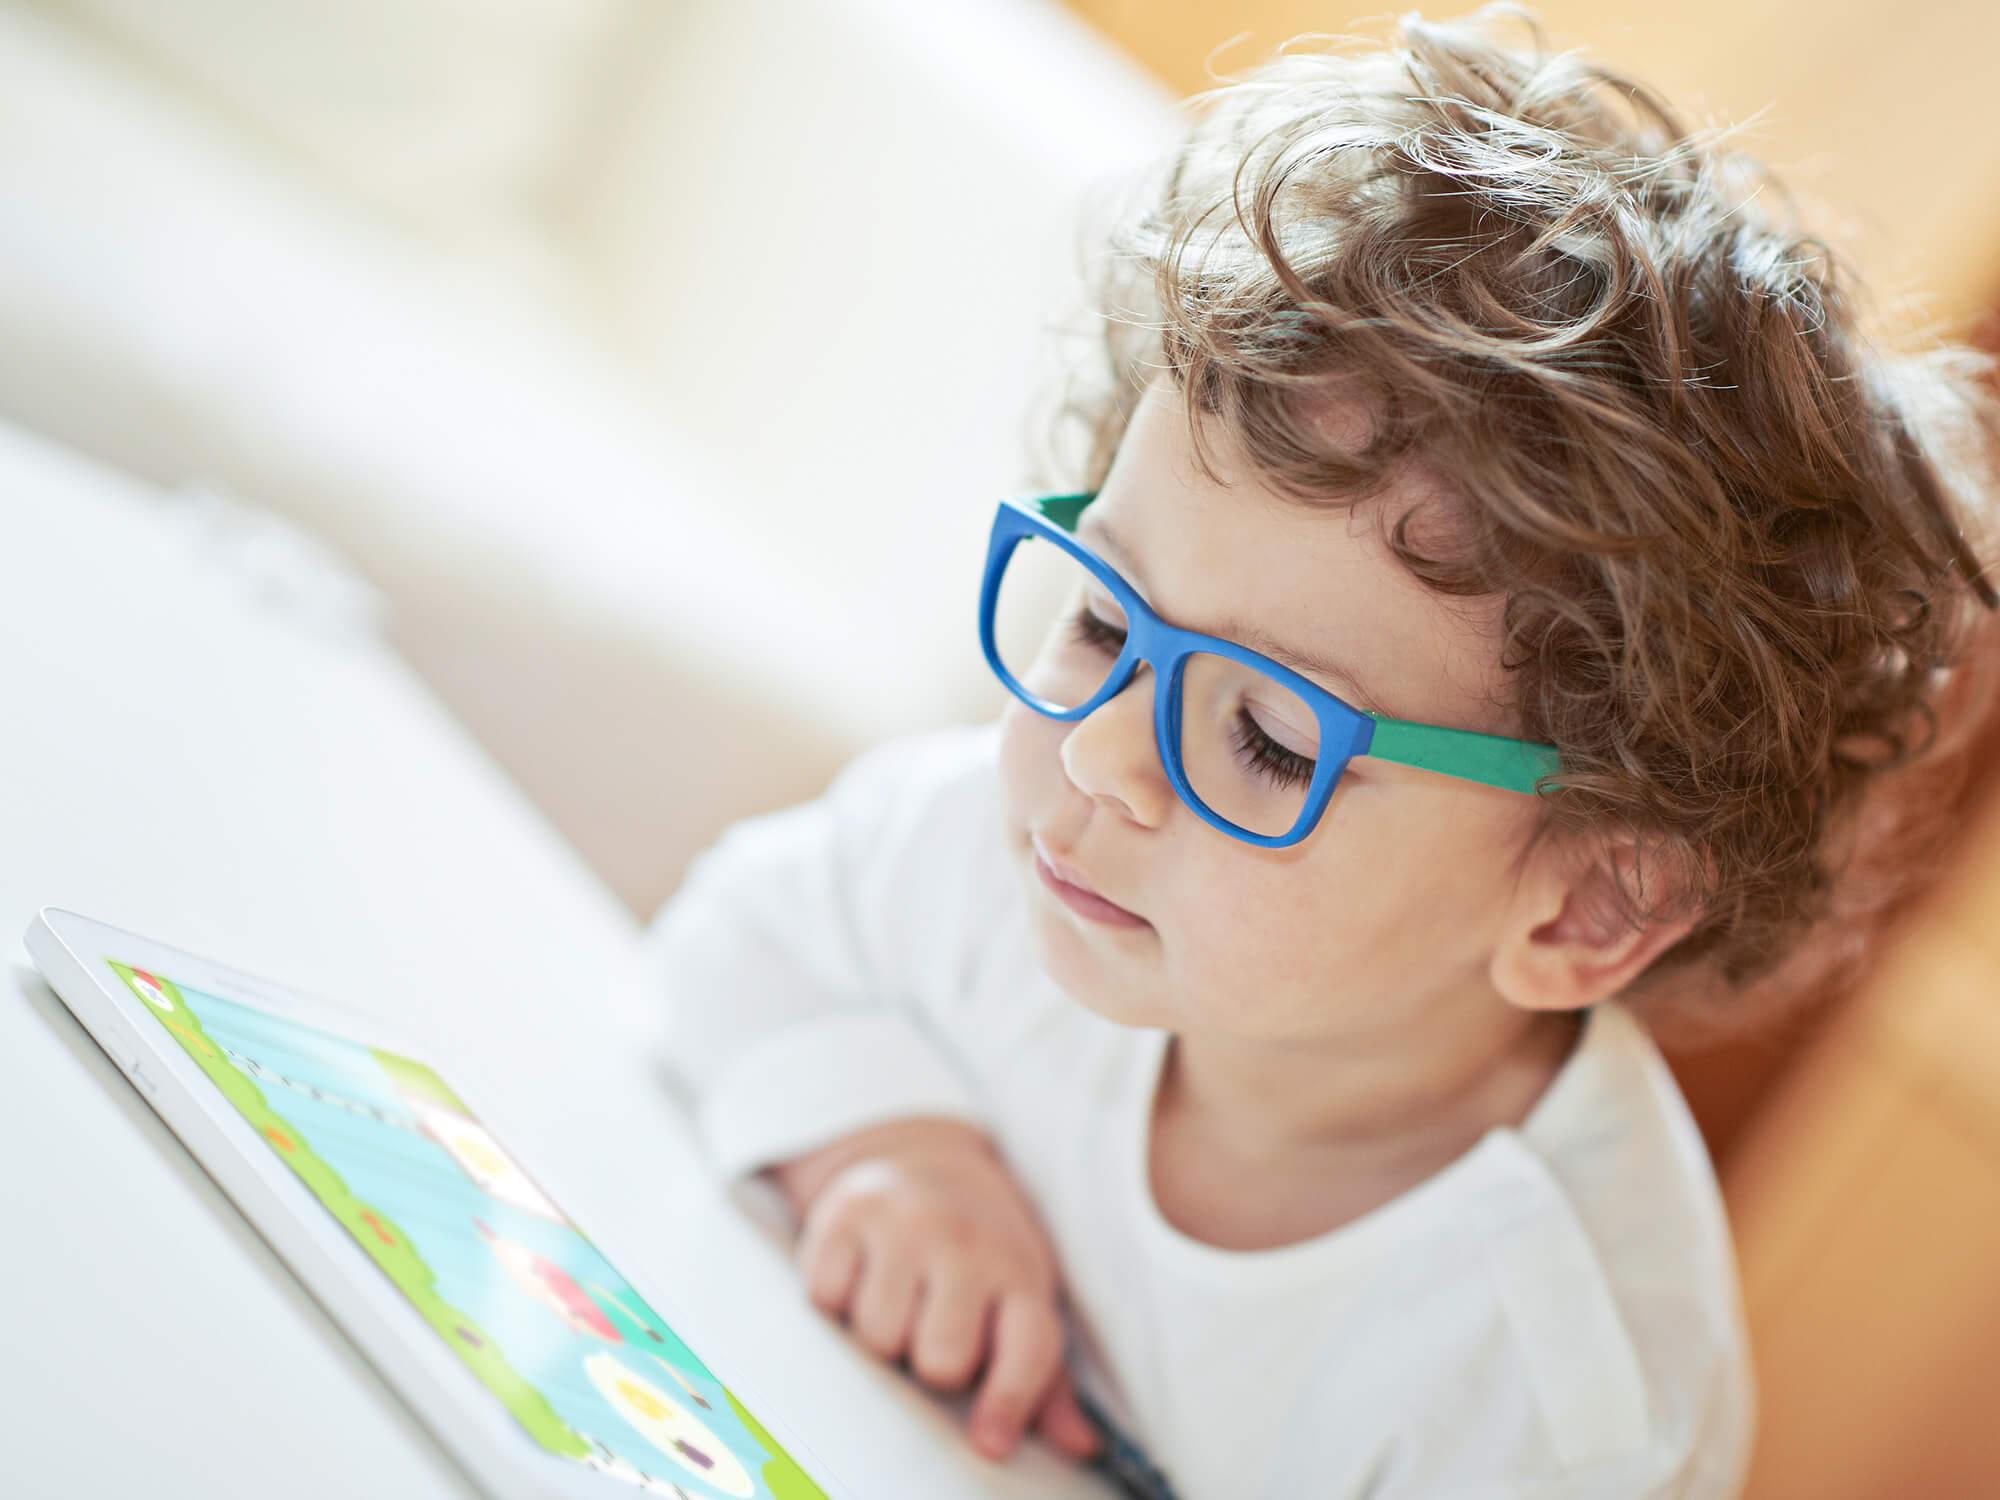 Votre Enfant Peut Jouer À Des Jeux Pour Apprendre L'anglais dedans Jeux Gratuit De Garçon